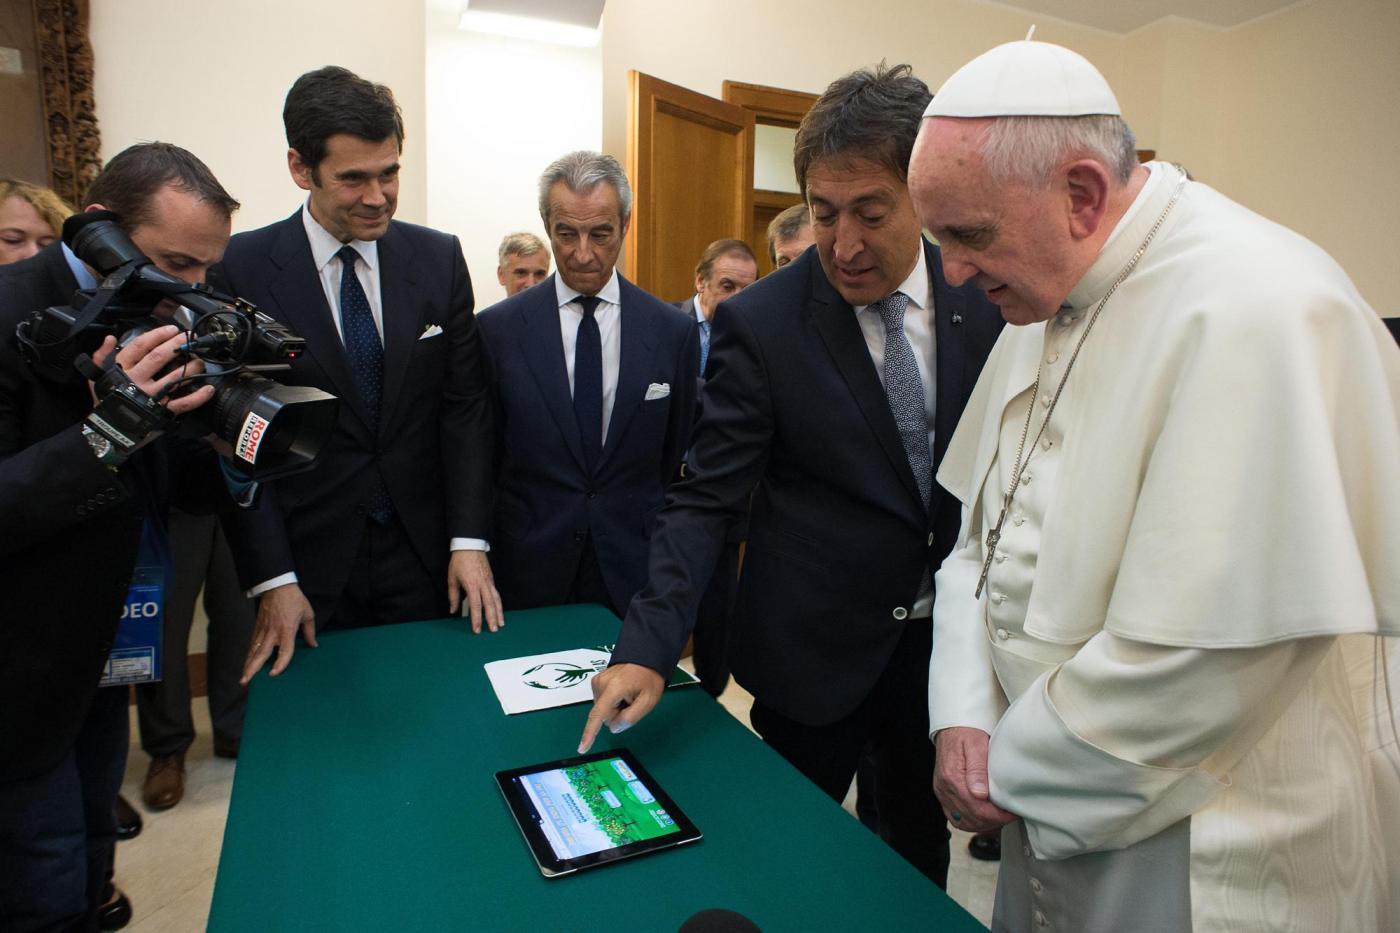 Perché il Papa è su Twitter e non su Facebook